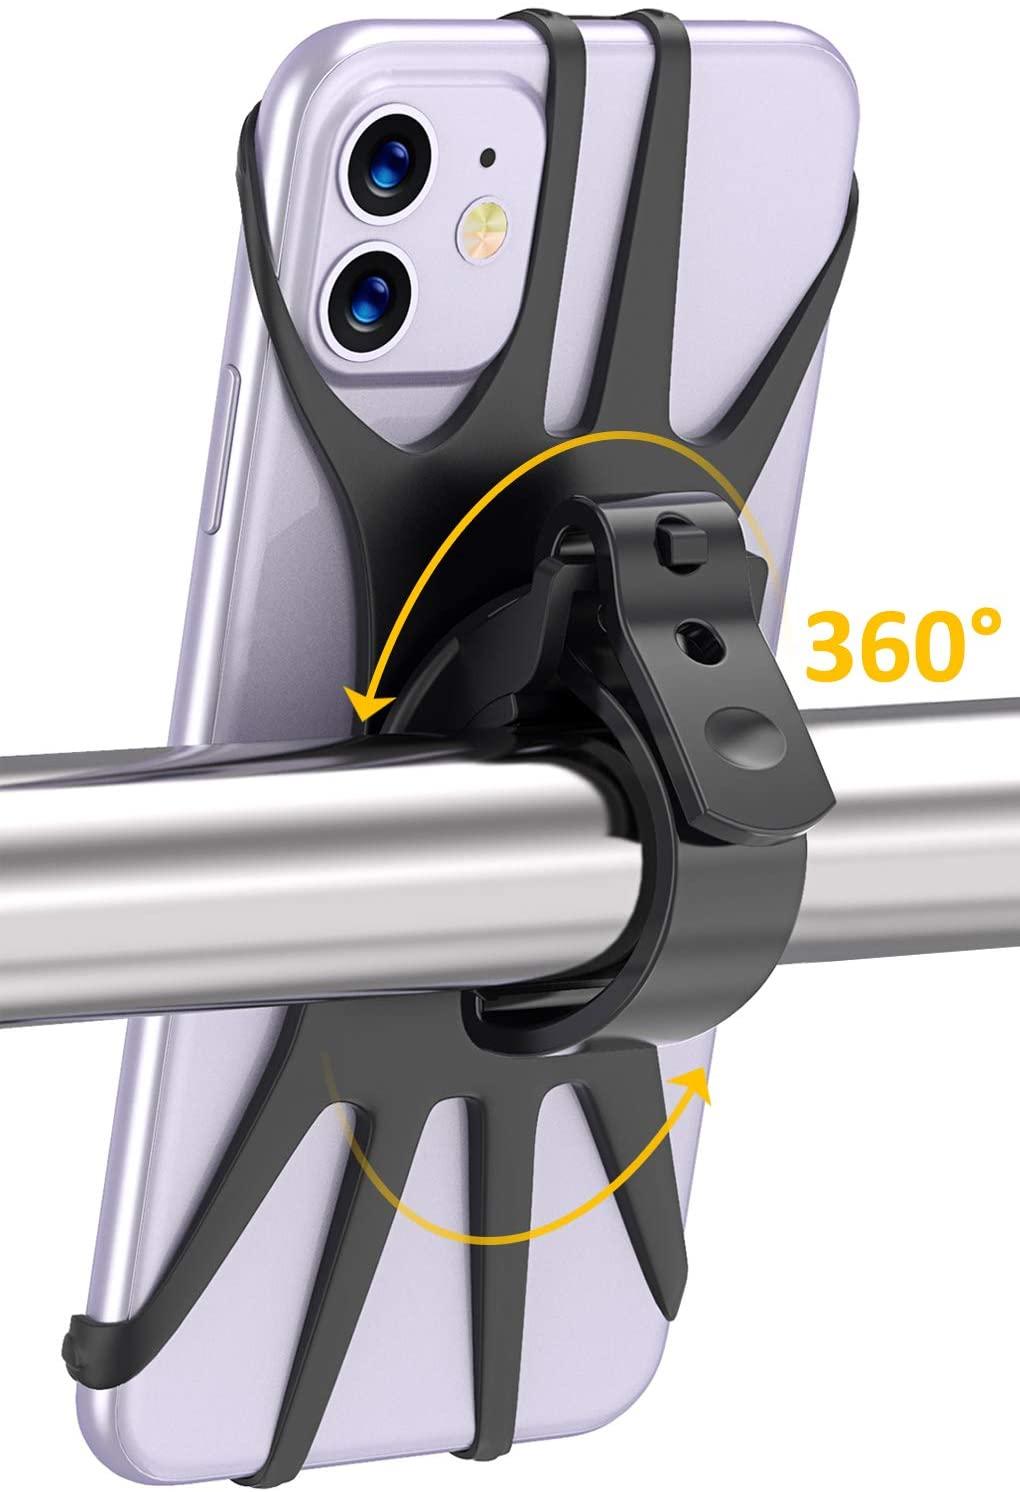 Cocoda Porta Cellulare Bici, Rotazione a 360° Porta Cellulare Moto, Anti Vibrazione Silicone Manubrio Universale, Porta Telefono